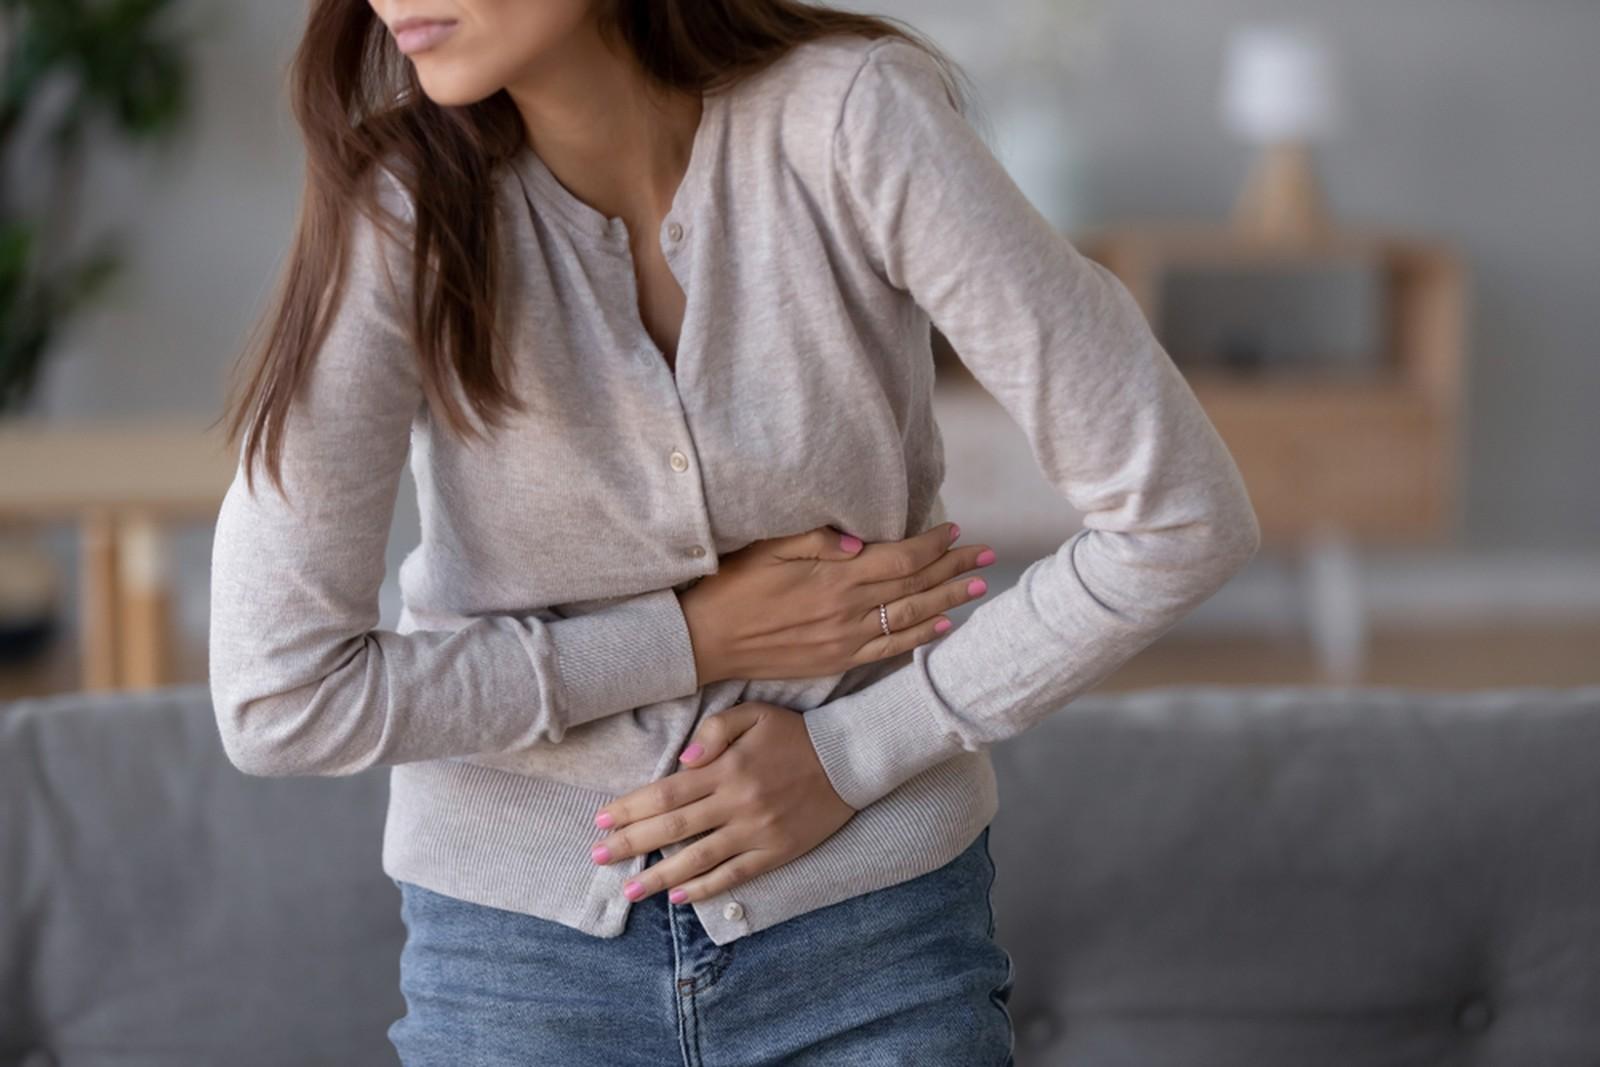 Cólicas, gases e estufamento são alguns problemas que podem ocorrer quando a digestão não ocorre facilmente. — Foto: Shutterstock